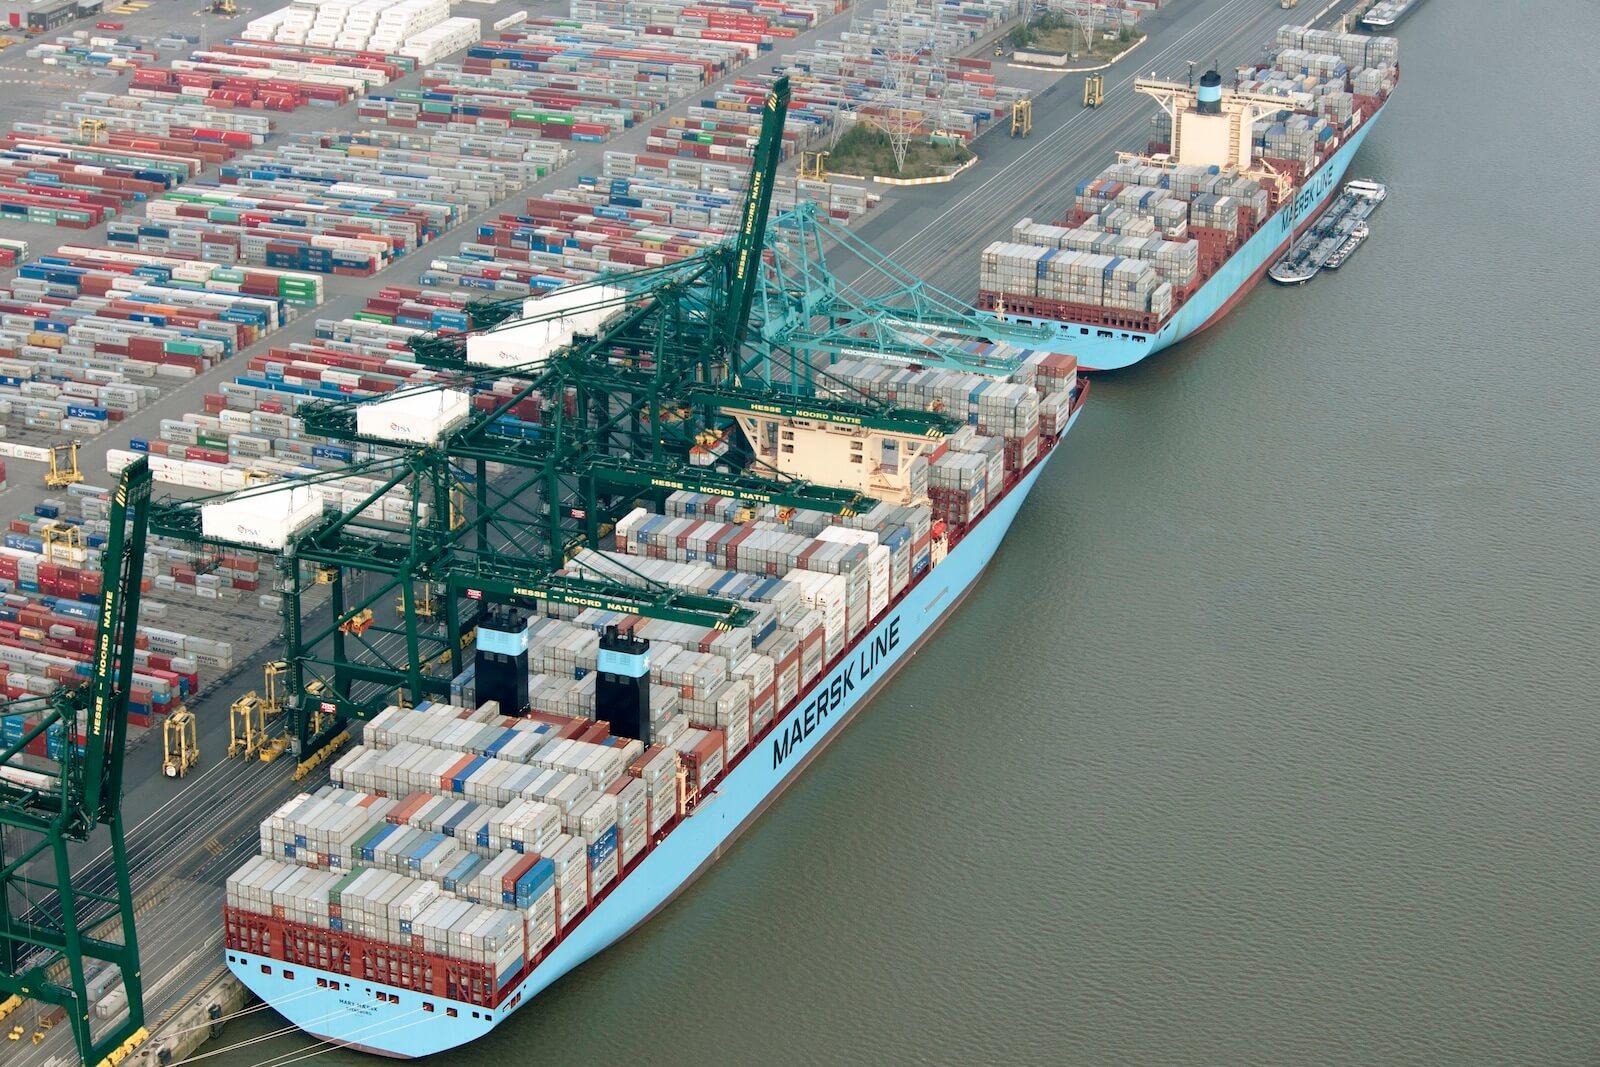 maersk vessel at harbor